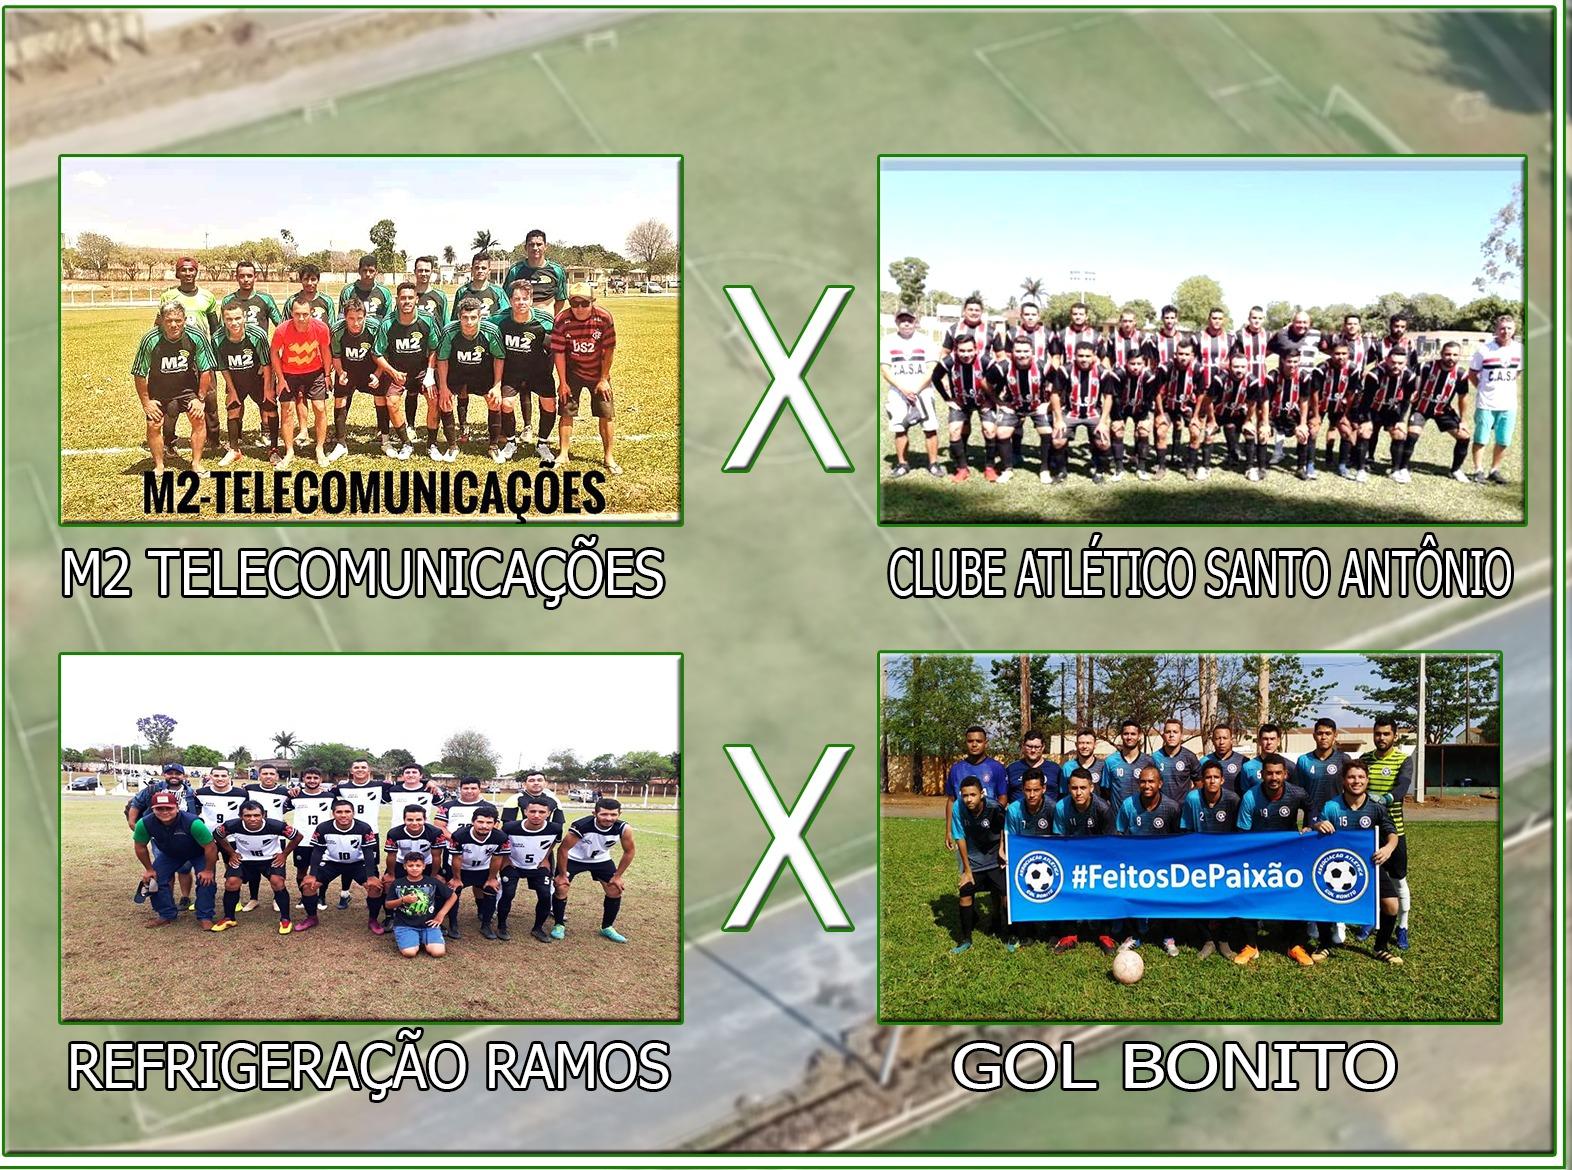 Semifinais do Campeonato Municipal 2019 acontecem neste domingo